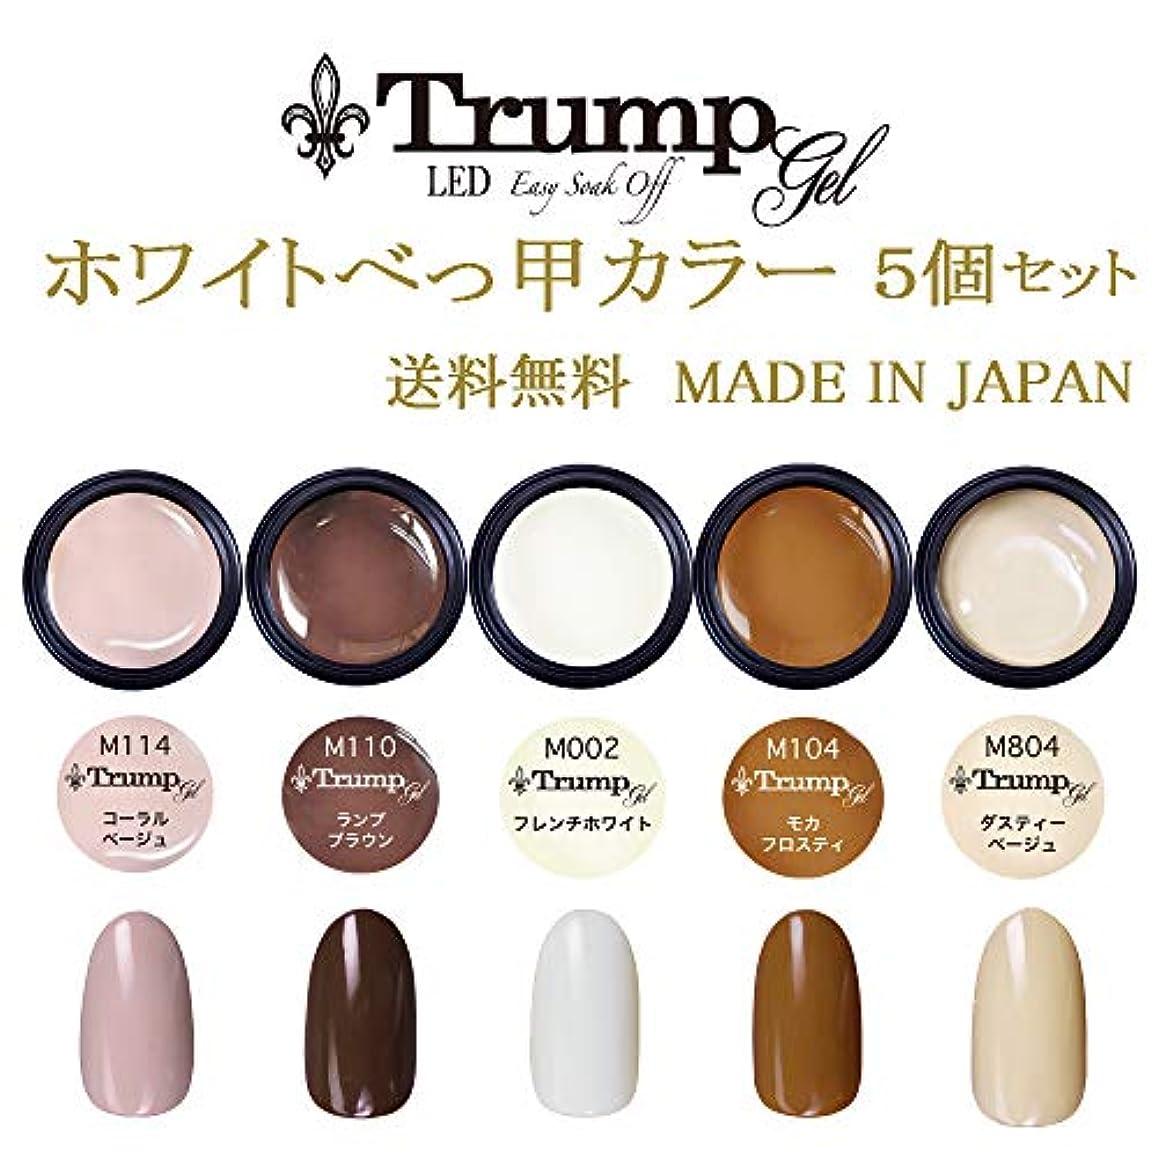 ラブ脅迫蒸し器【送料無料】日本製 Trump gel トランプジェルホワイトべっ甲カラージェル 5個セット スタイリッシュでオシャレな 白べっ甲カラージェルセット